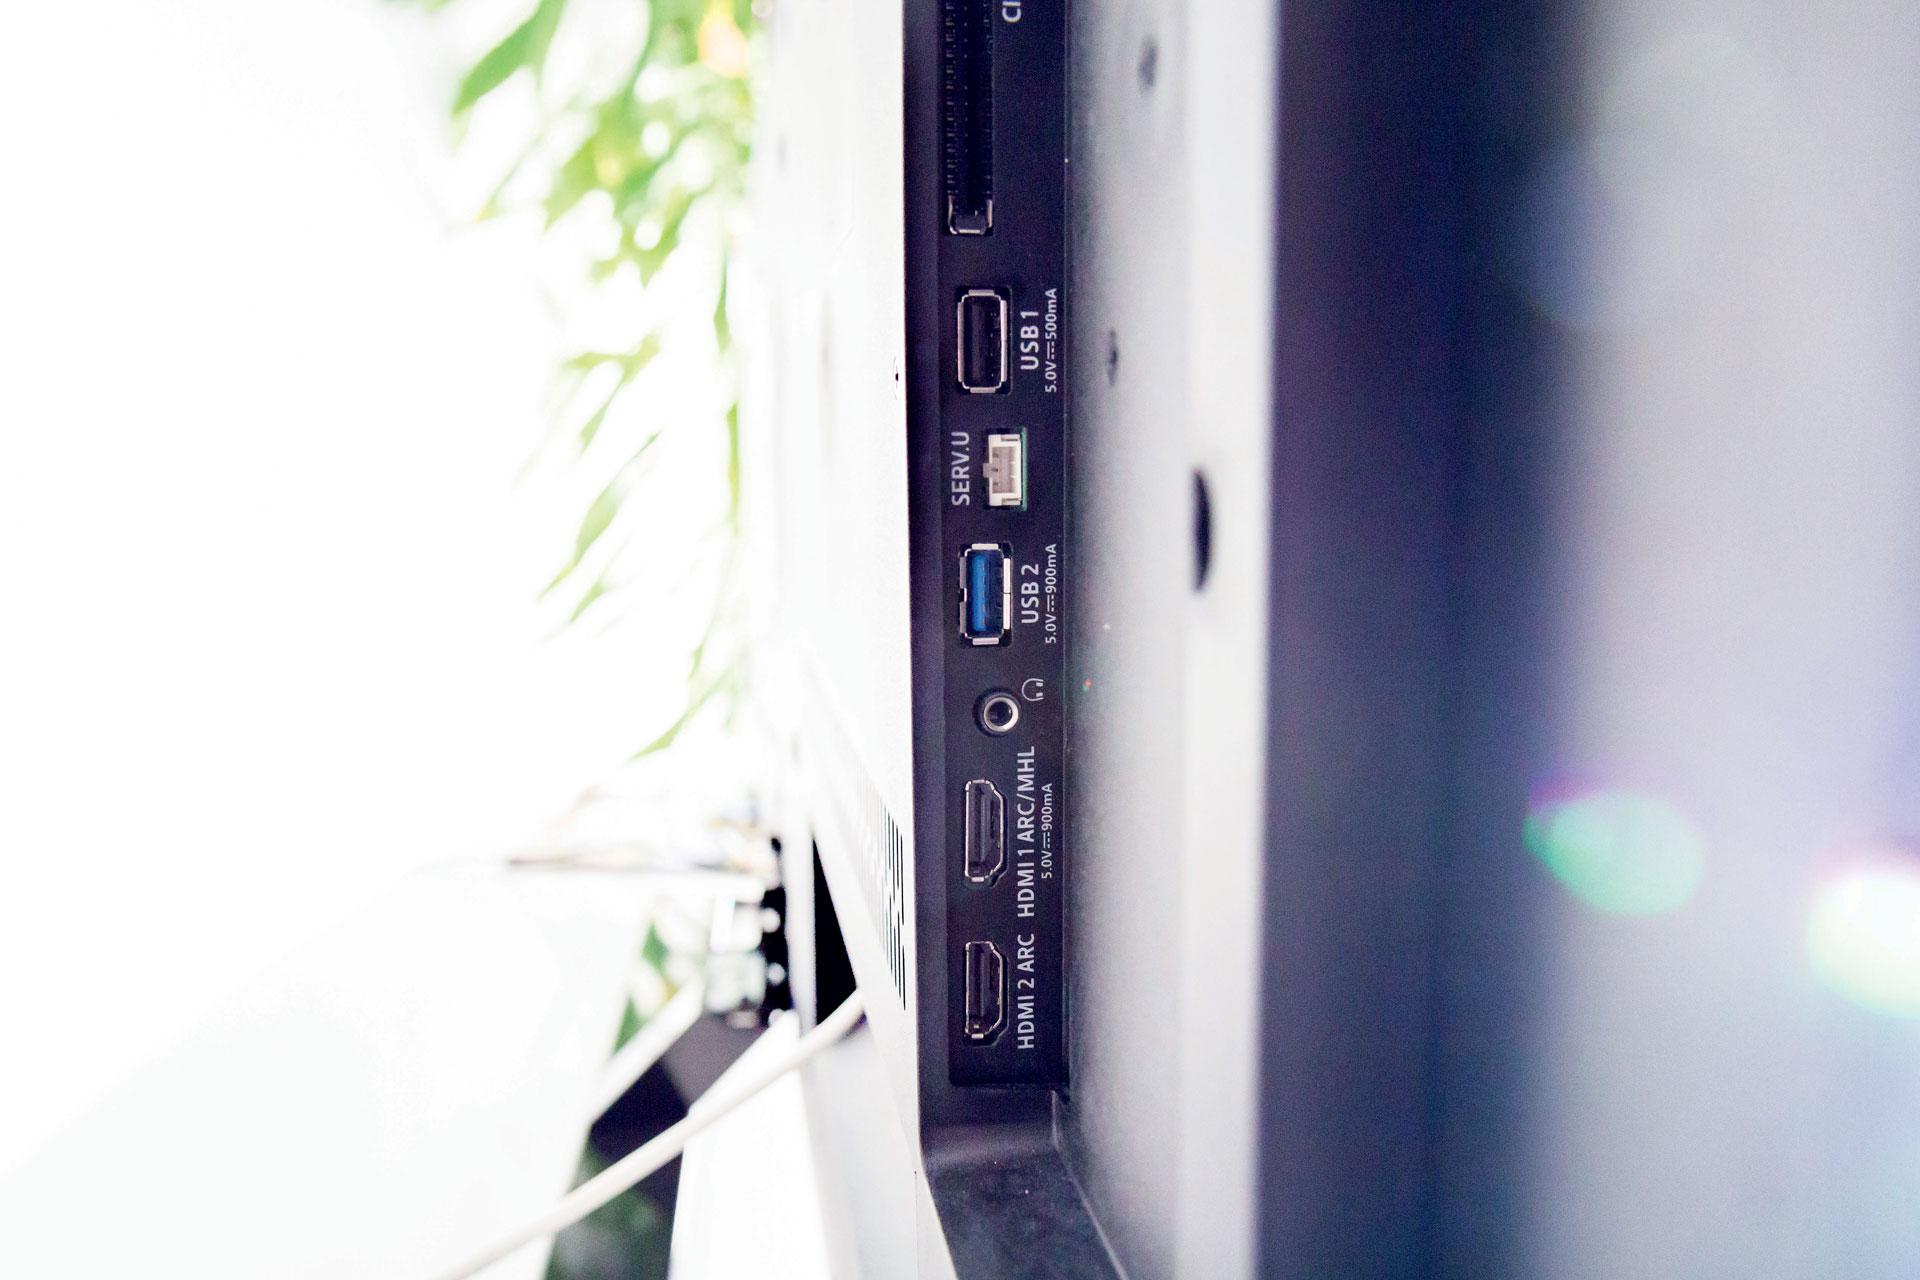 Philips 7503 7